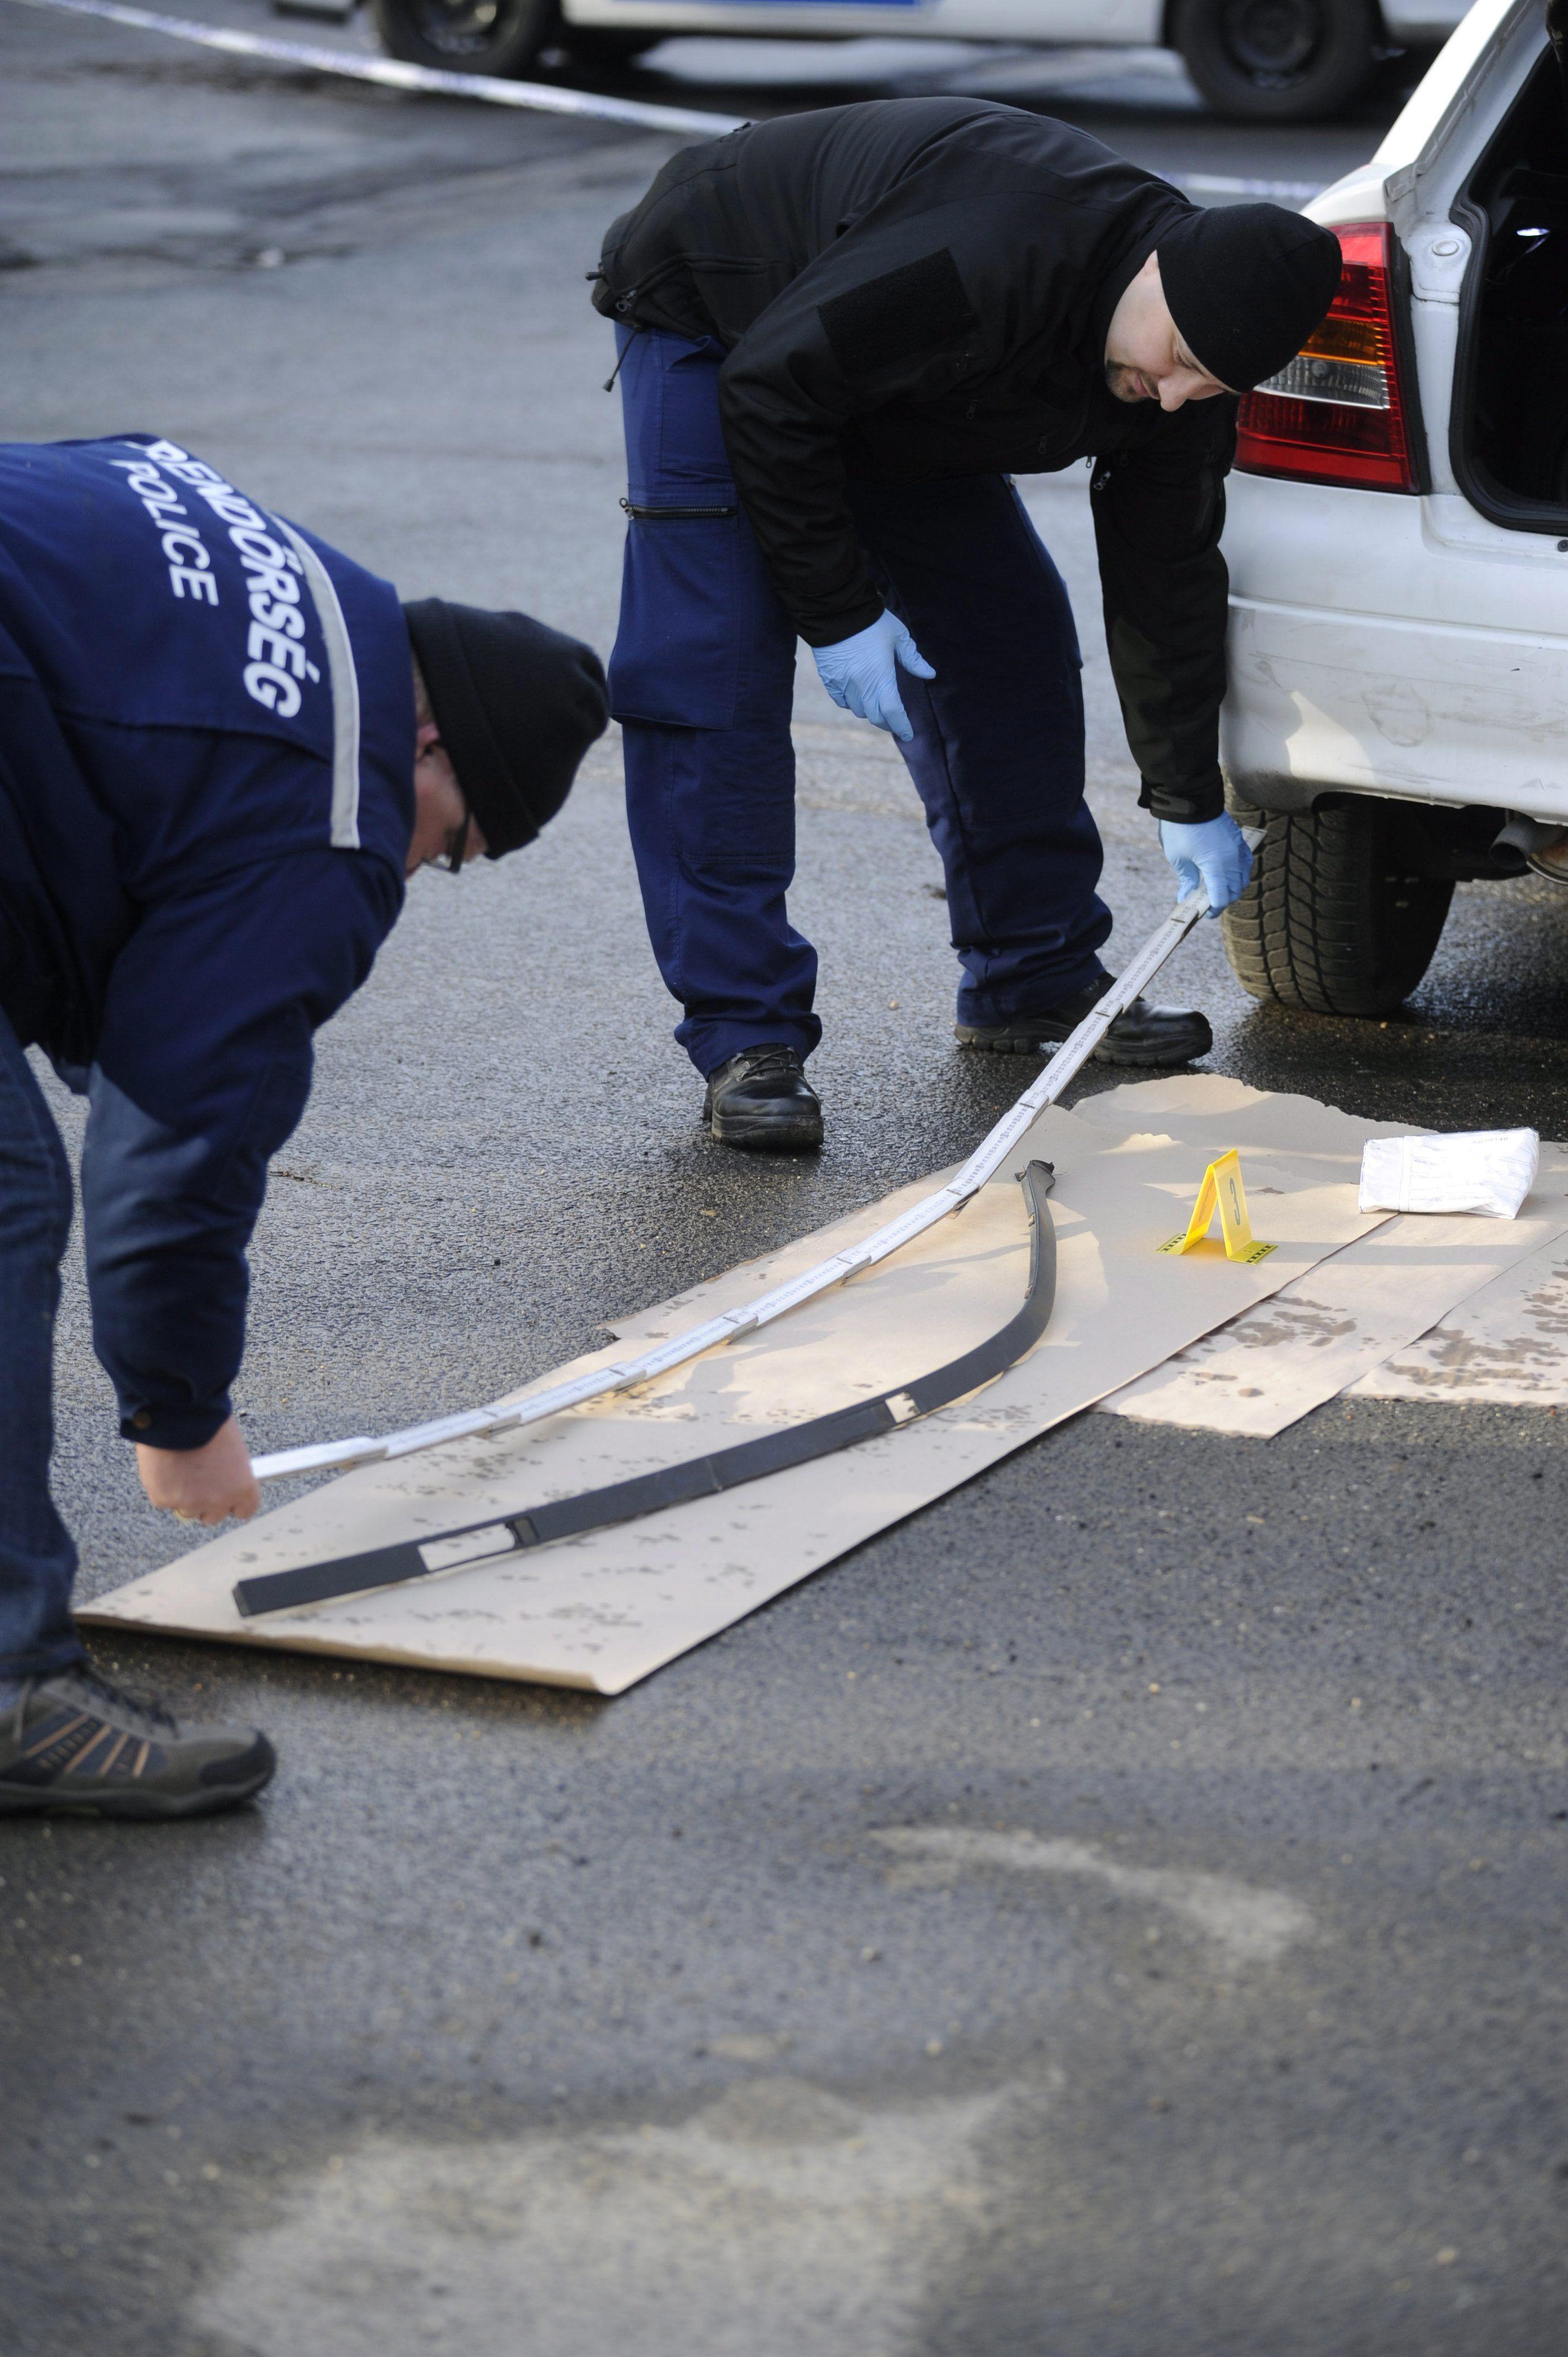 Rálőttek egy autóra Csepelen, a rendőrség keresi a tettest